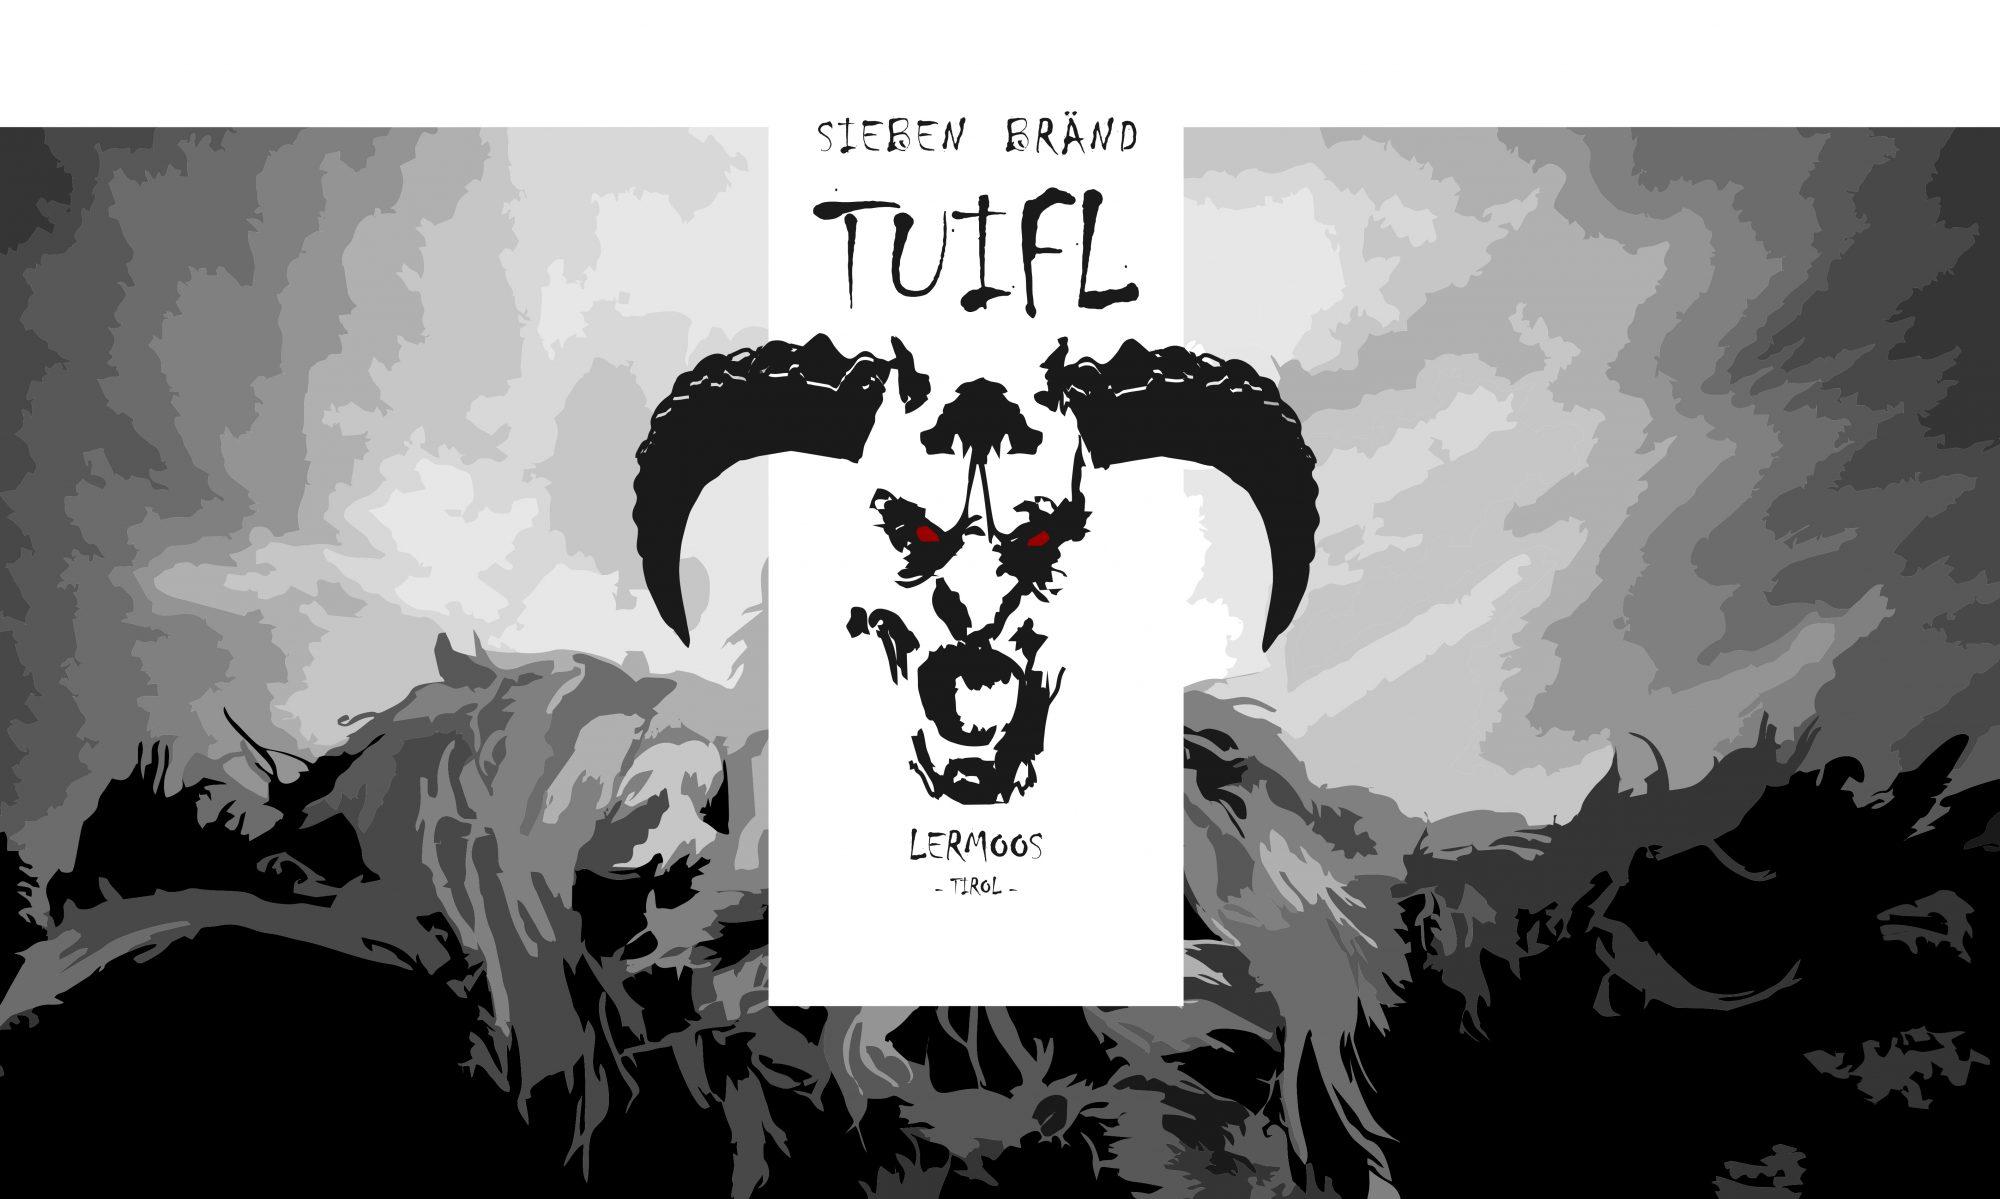 Sieben Bränd Tuifl